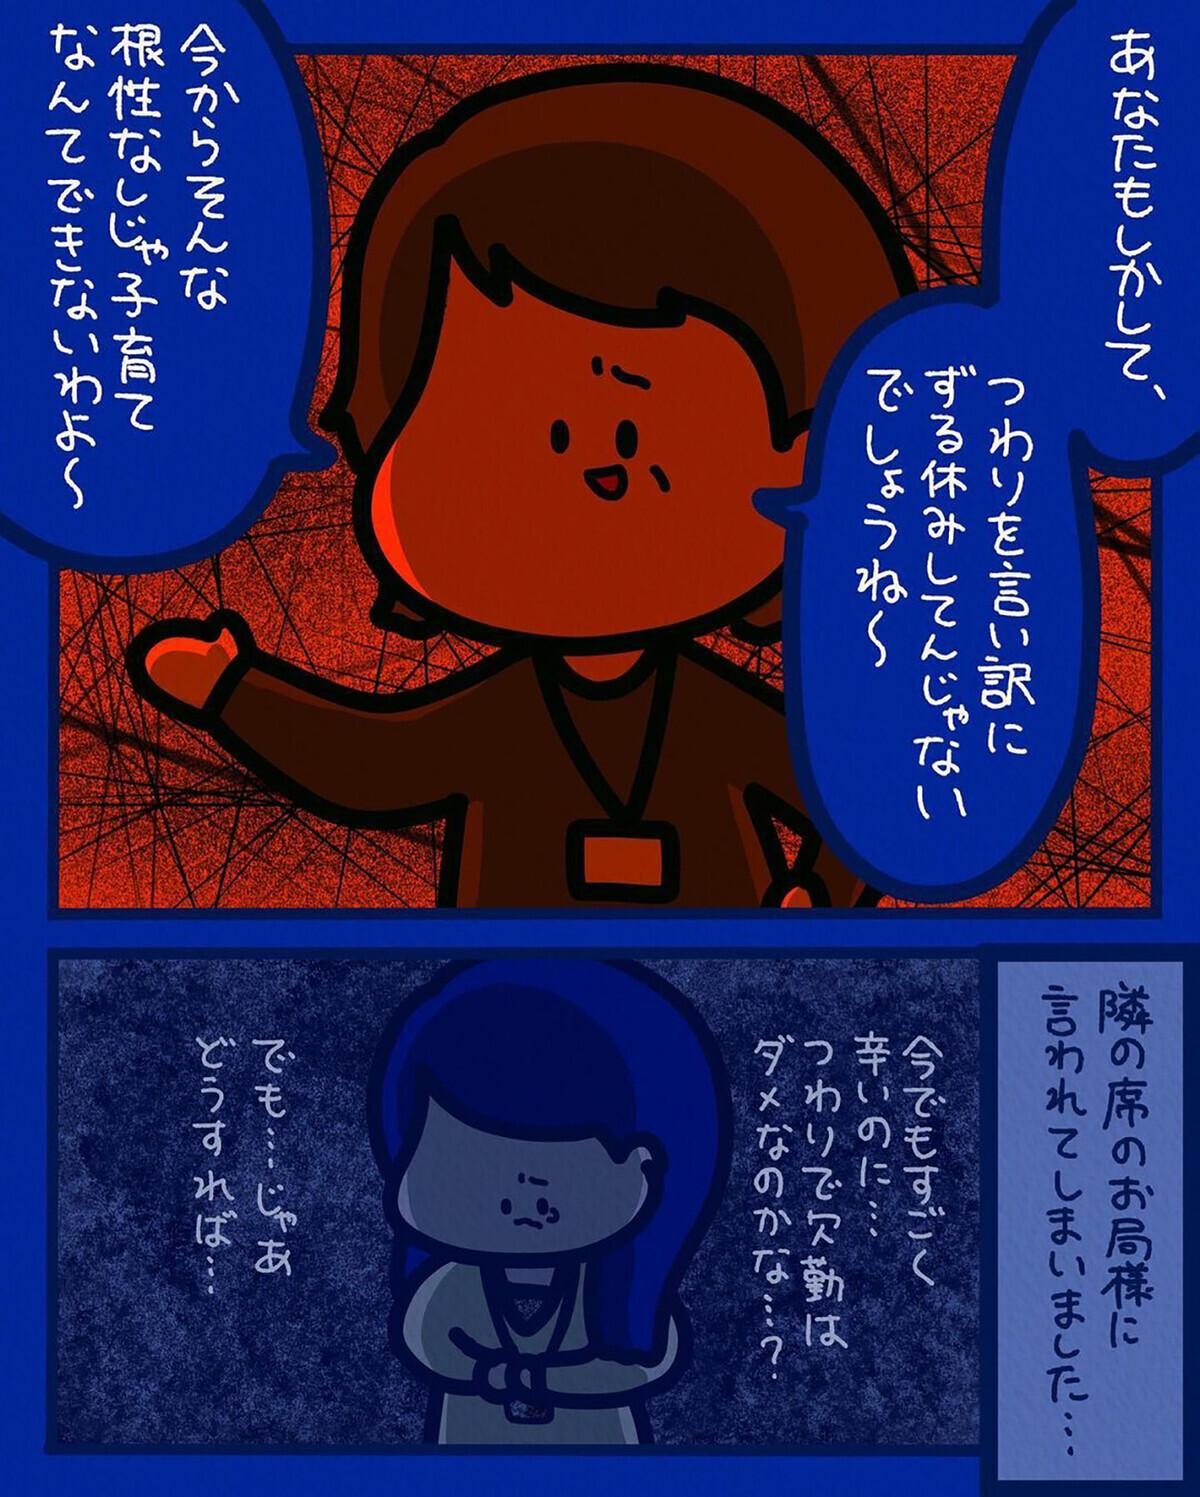 【スカッとする話】職場でのマタハラ…反撃してくれたのは毒舌後輩!?【みんなの〇〇な話 Vol.48】